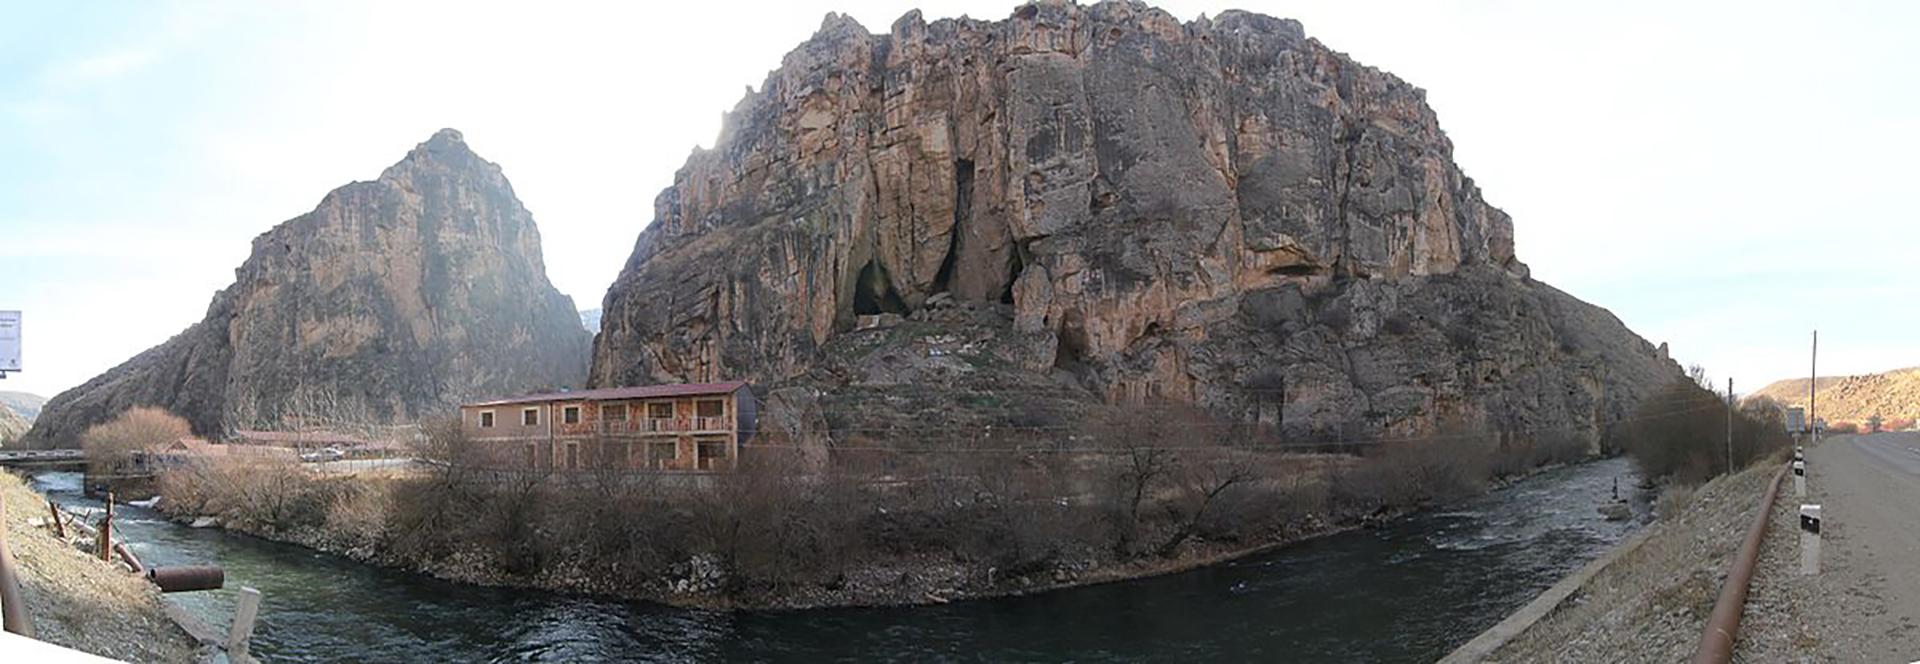 La grotta di Areni con la cantina più antica del mondo